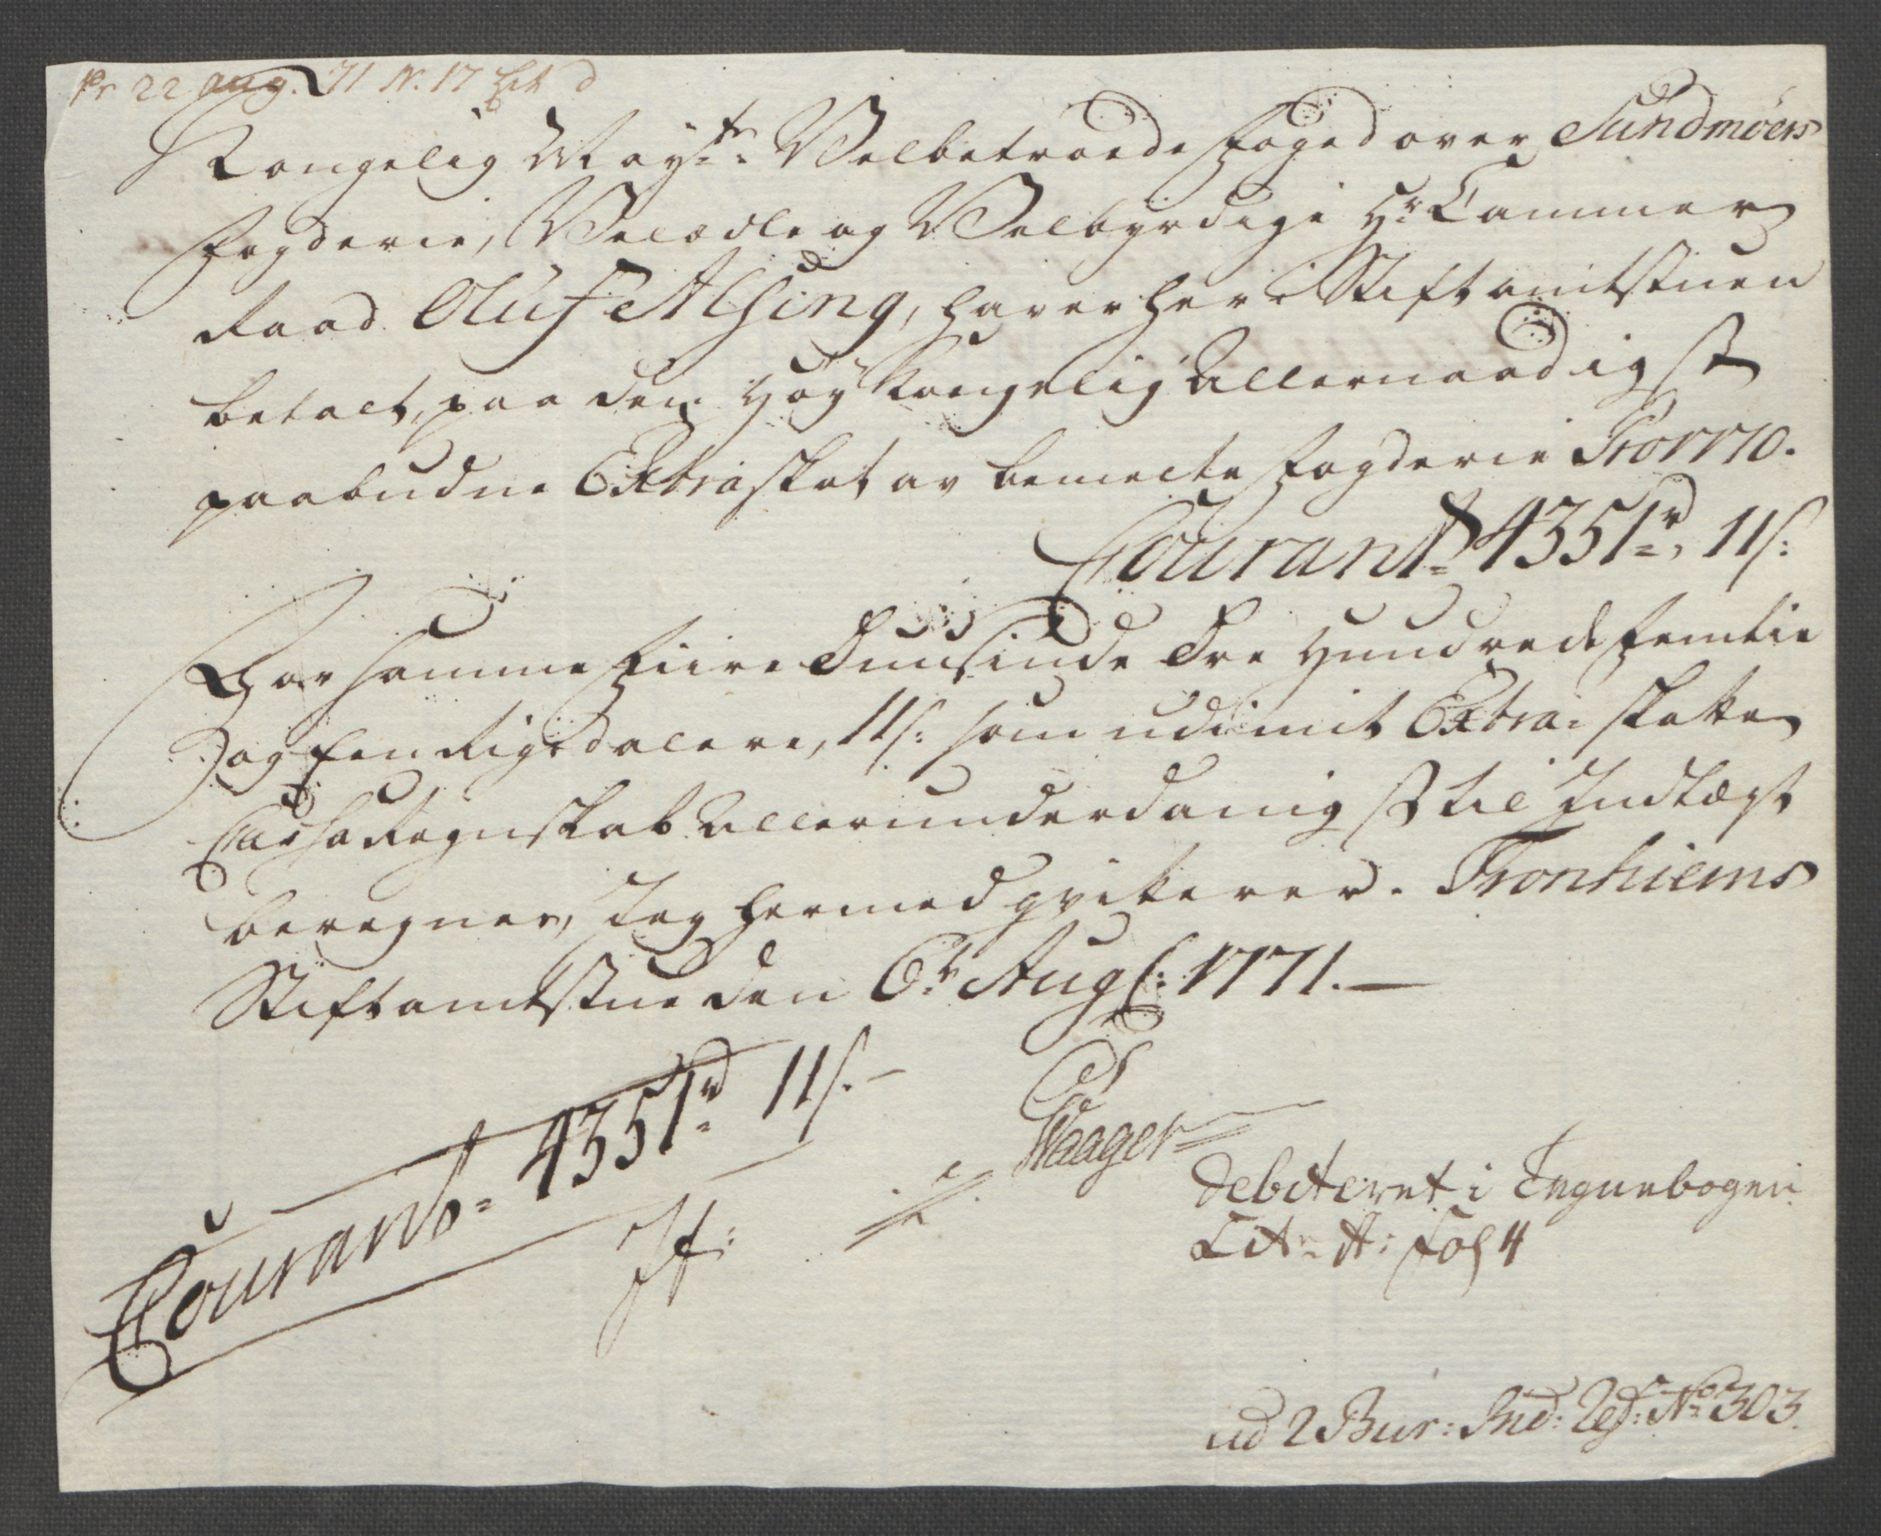 RA, Rentekammeret inntil 1814, Reviderte regnskaper, Fogderegnskap, R54/L3645: Ekstraskatten Sunnmøre, 1762-1772, s. 190